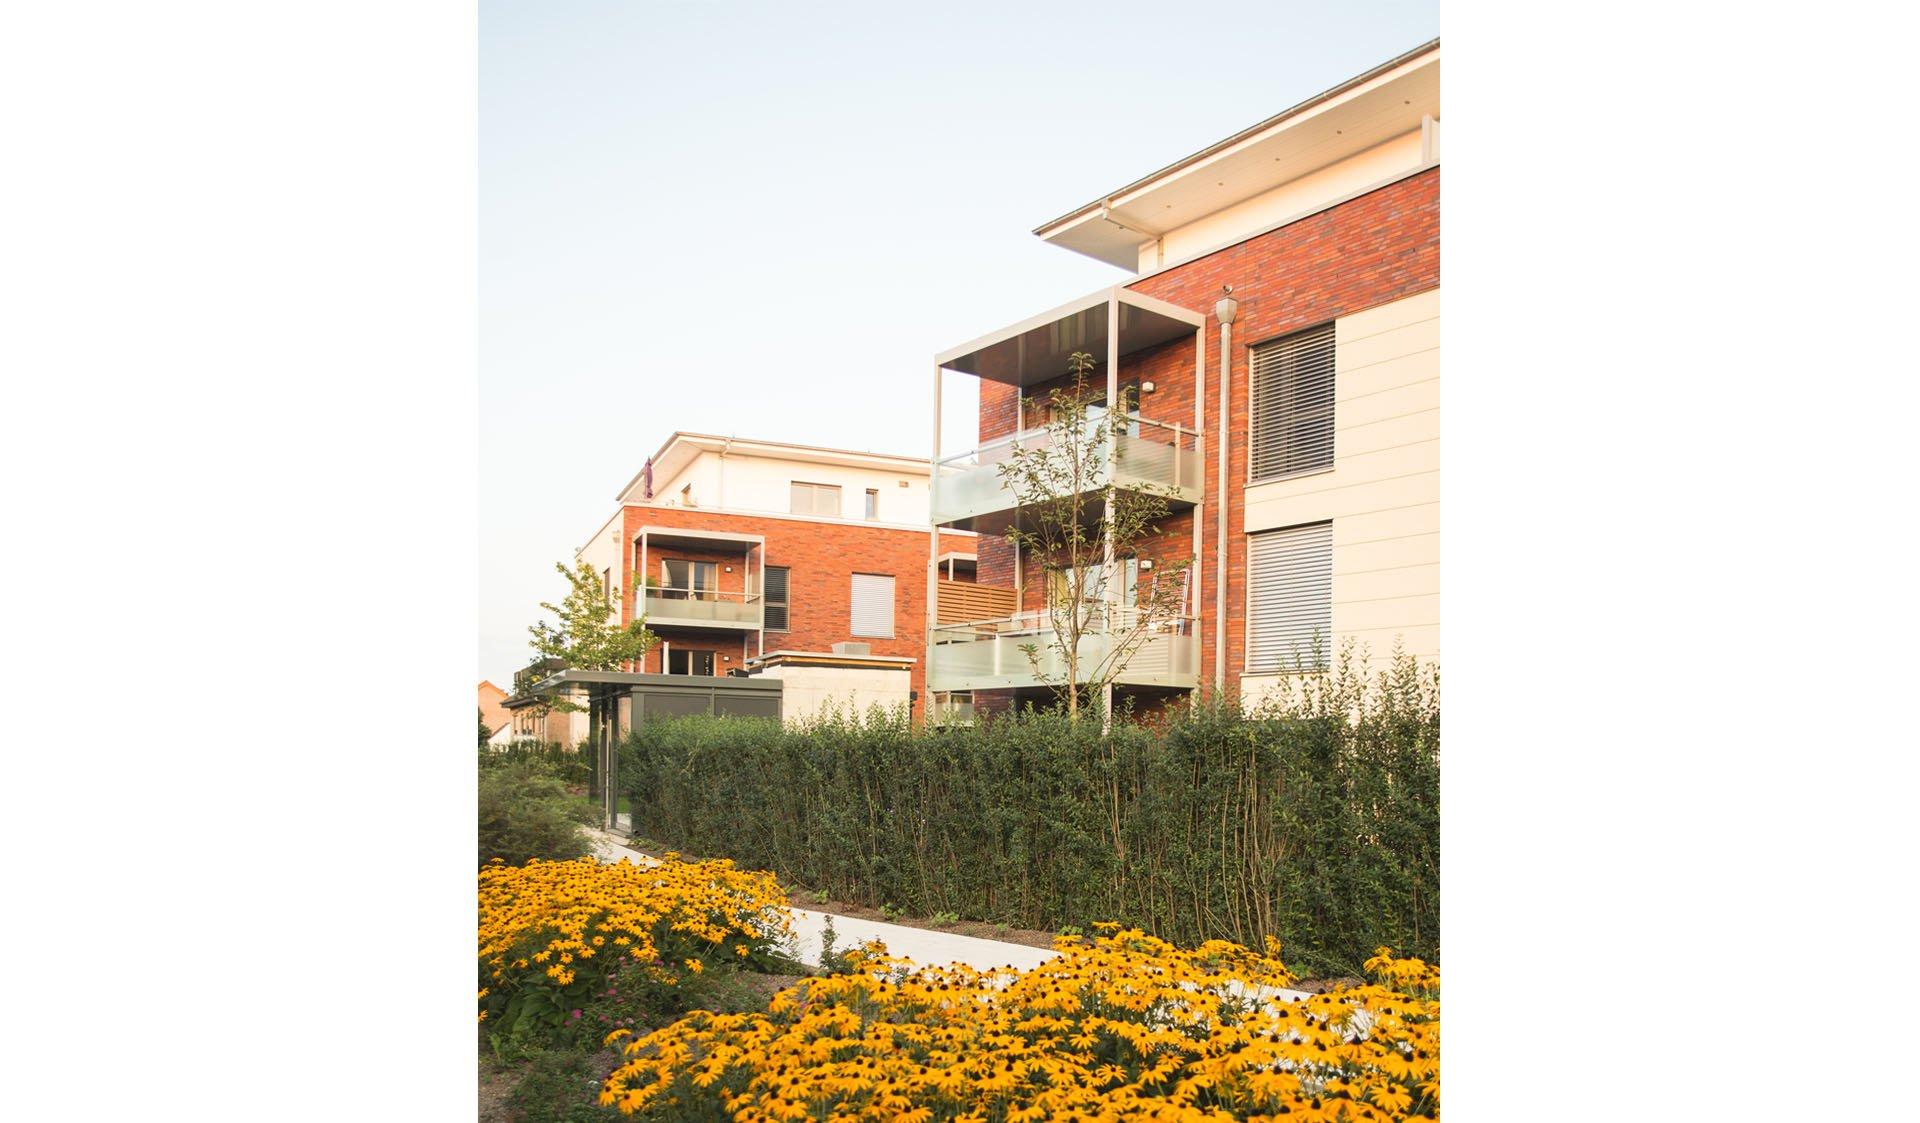 Außenansicht mit Grünanlagen und Balkons im Hintergrund